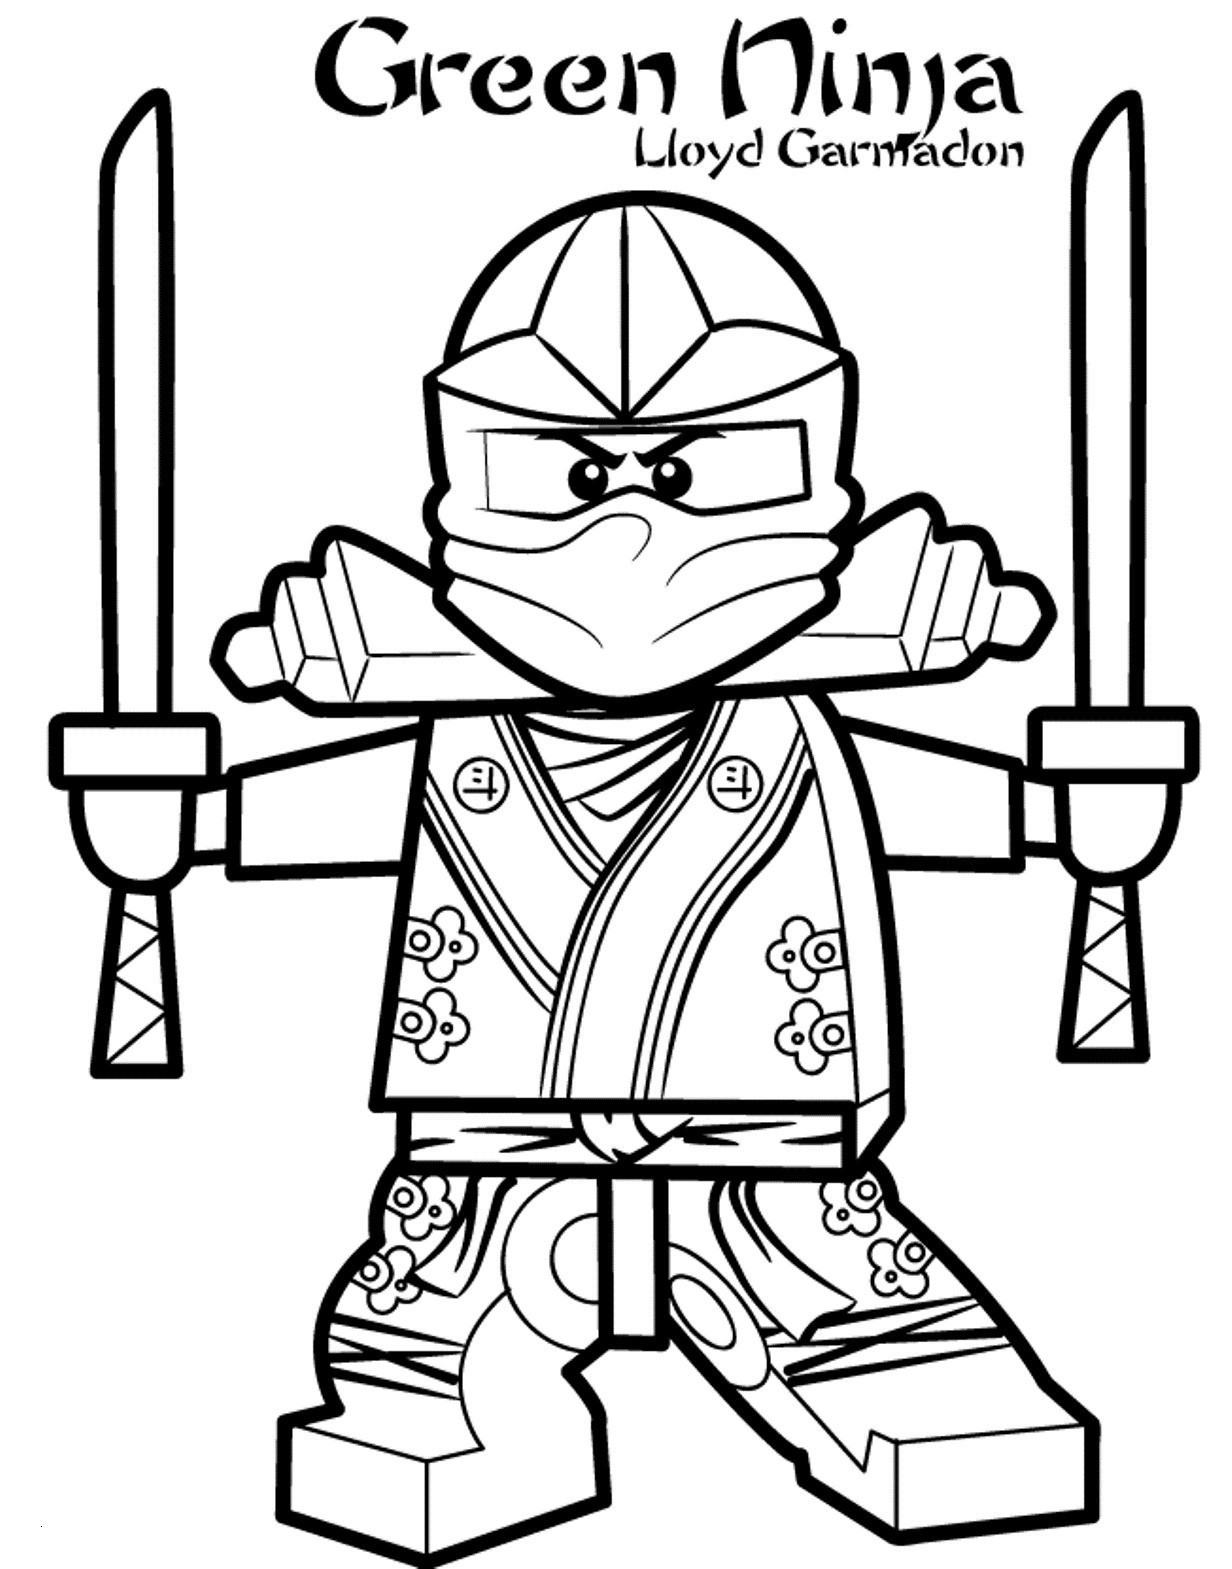 Ninjago Waffen Ausmalbilder Inspirierend Ninjago Ausmalbilder Lloyd Uploadertalk Genial Ninjago Ausmalbilder Stock